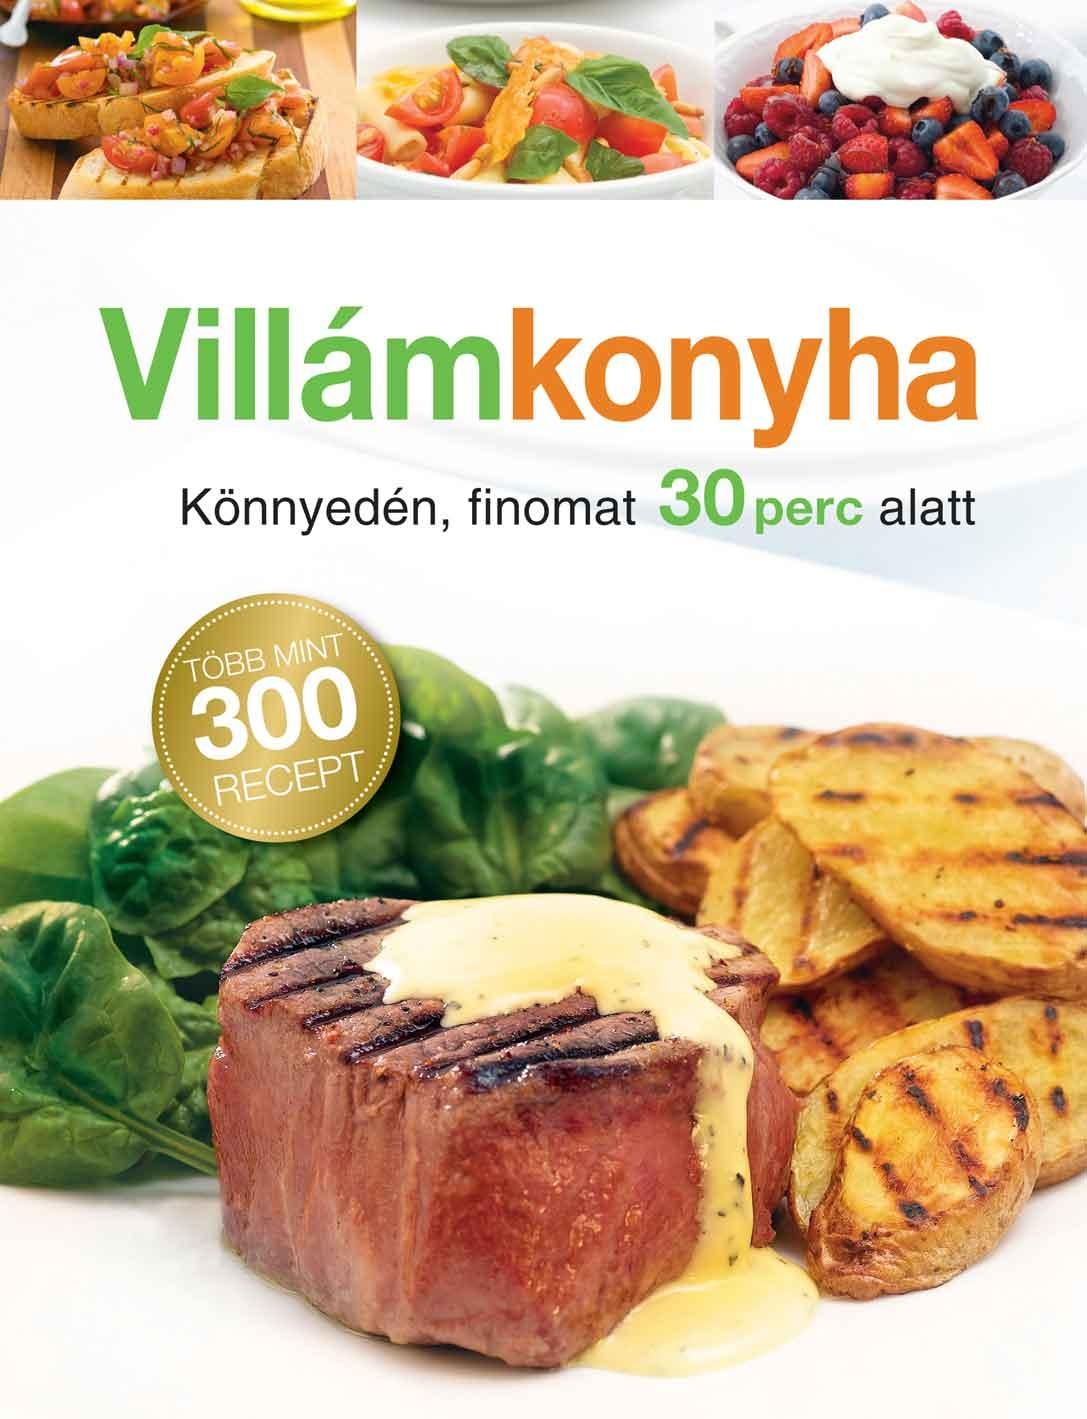 VILLÁMKONYHA - KÖNNYEDÉN, FINOMAT 30 PERC ALATT